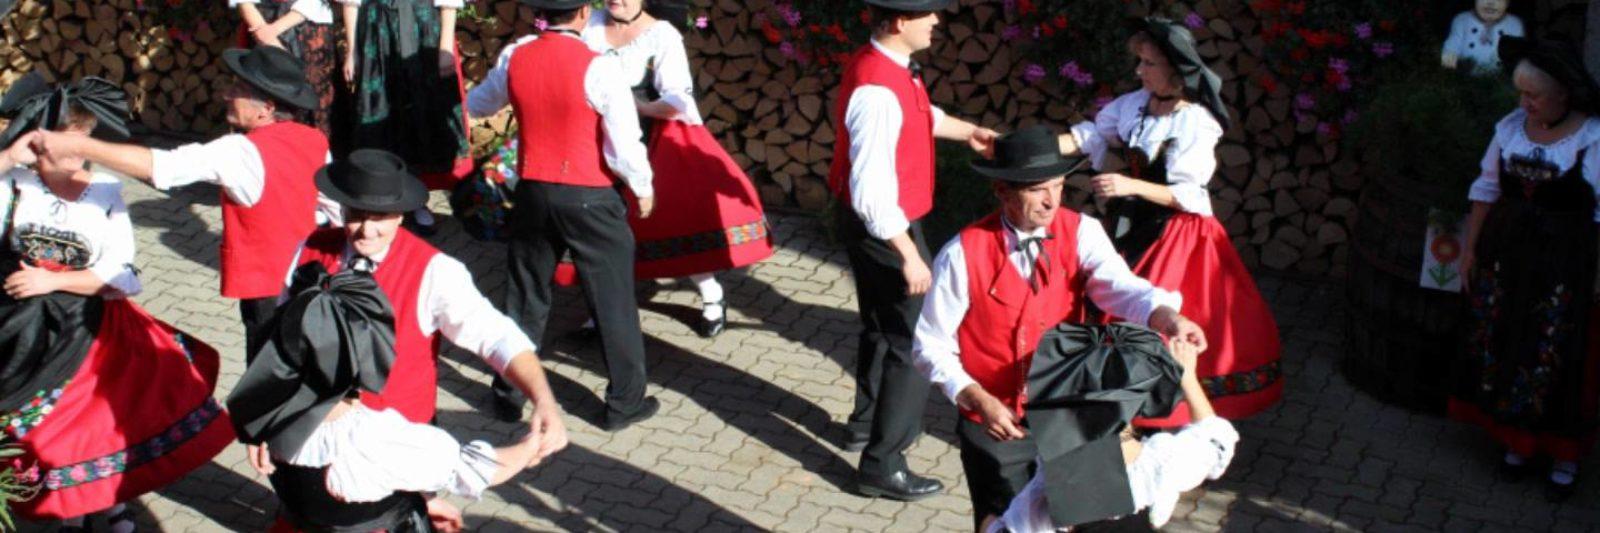 Calendrier des festivités en Alsace